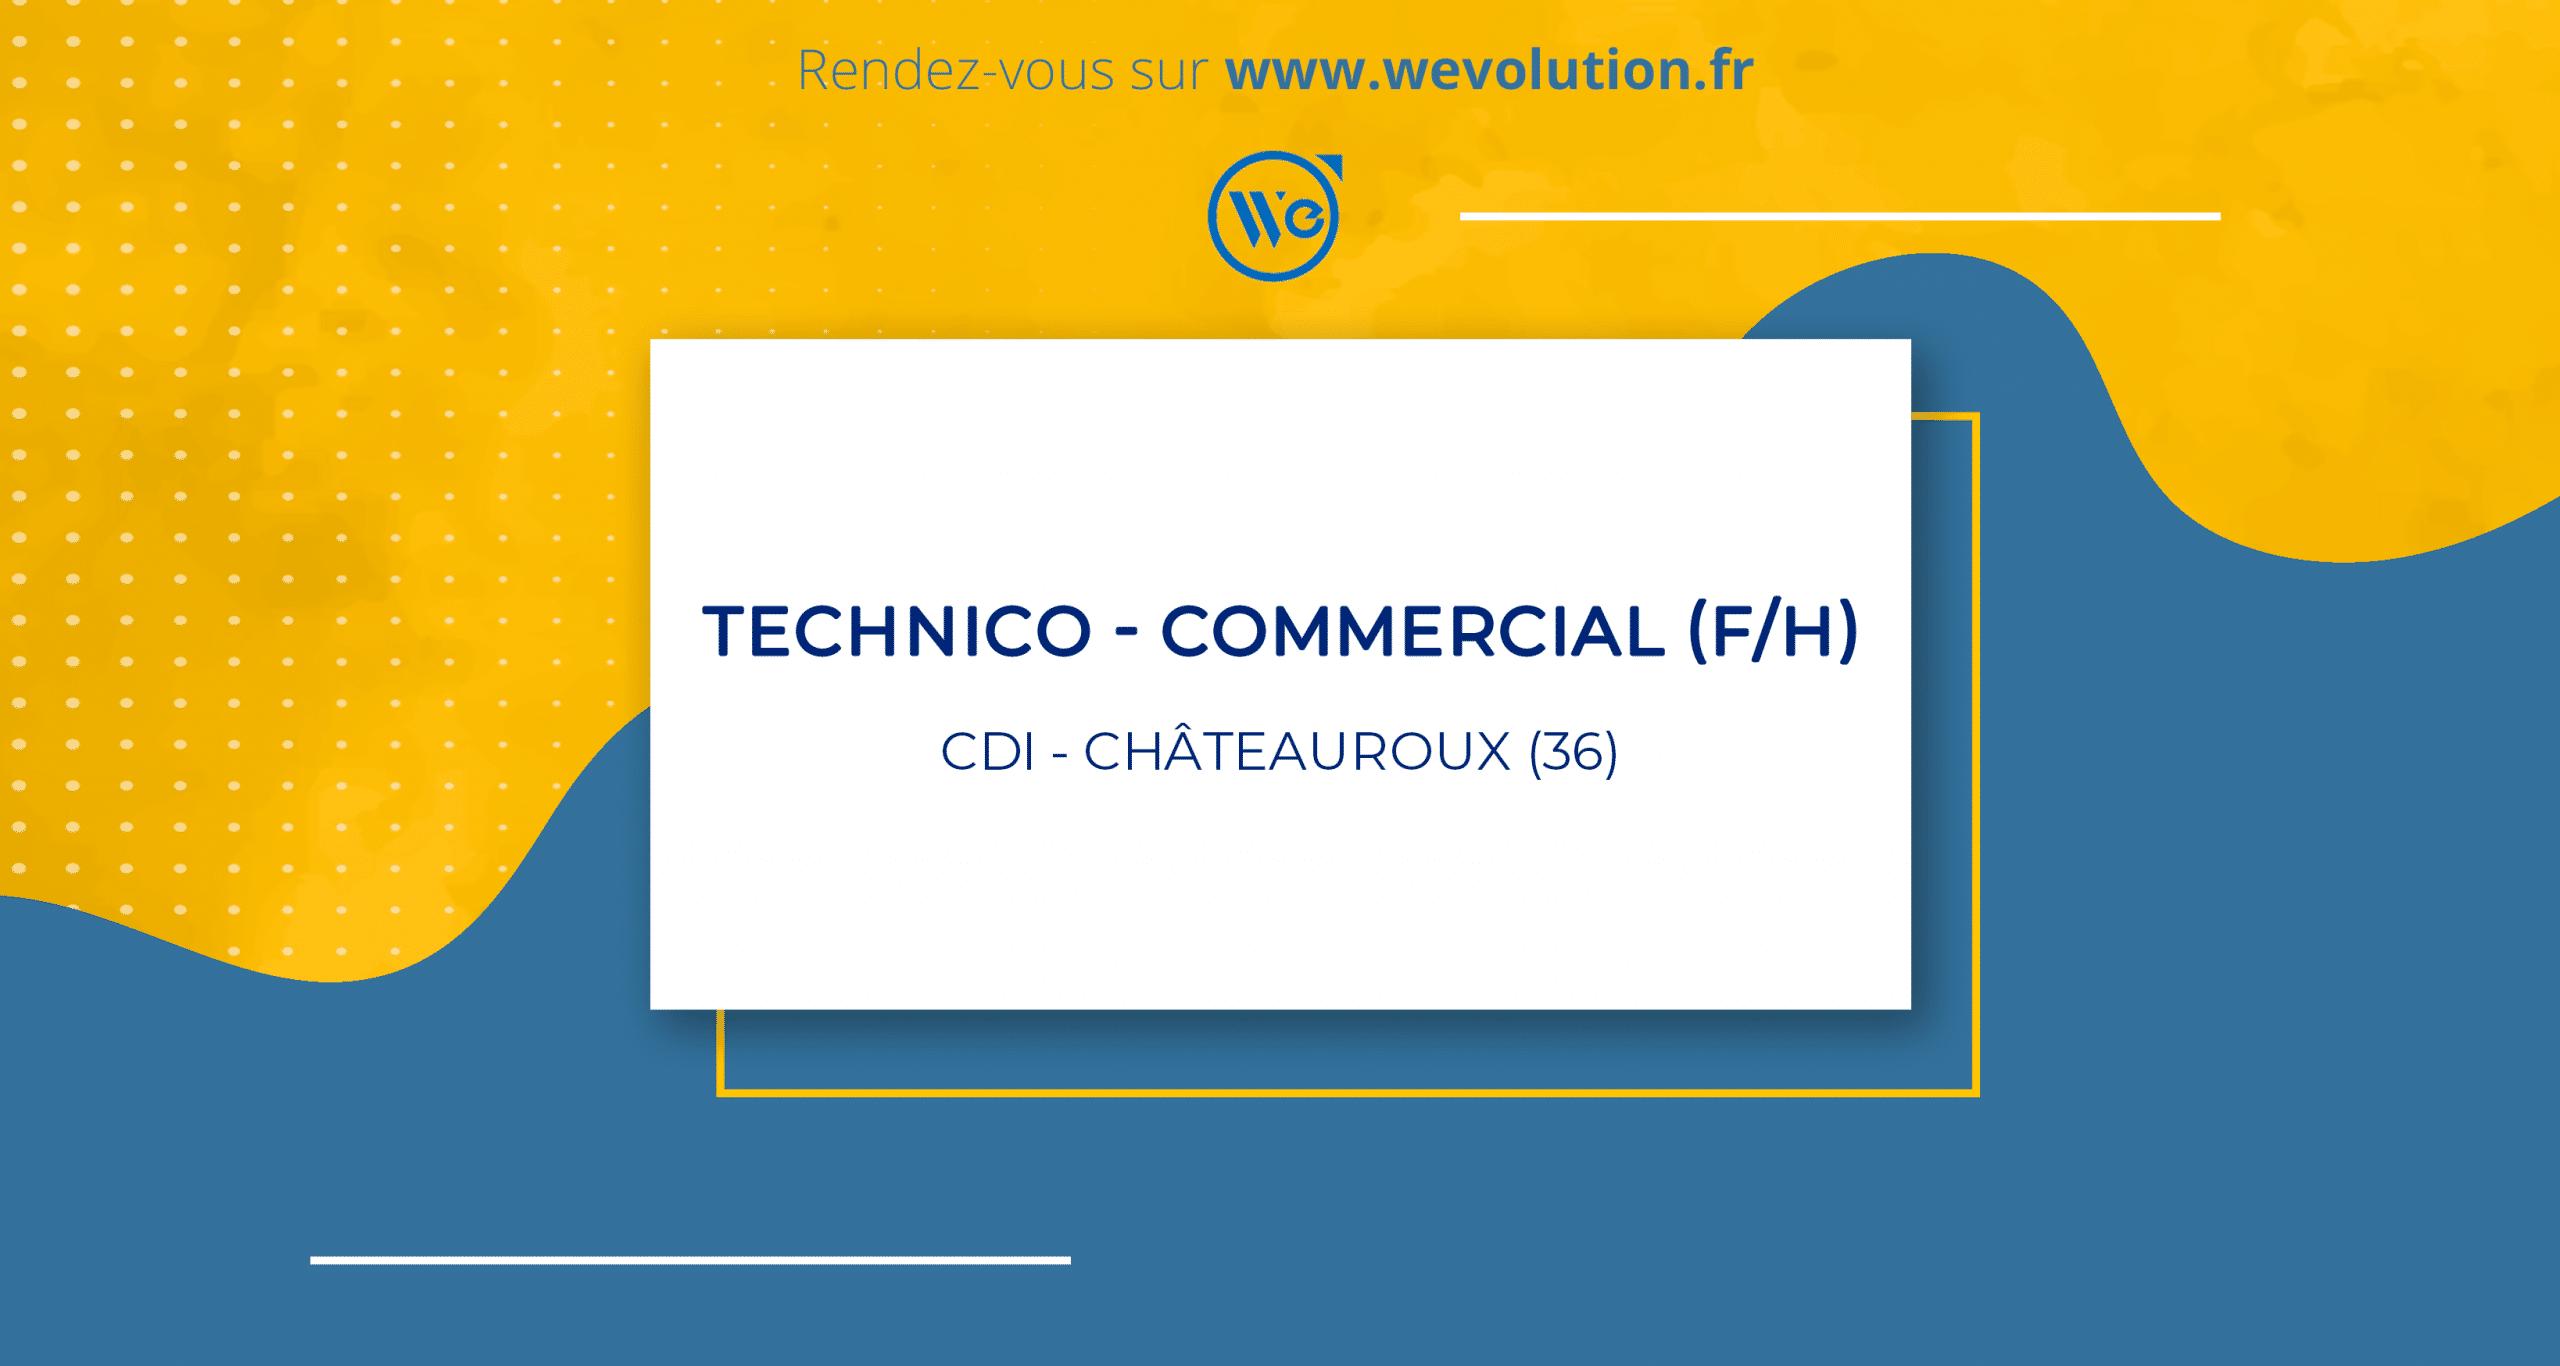 TECHNICO-COMMERCIAL (F/H) – GROUPE MI